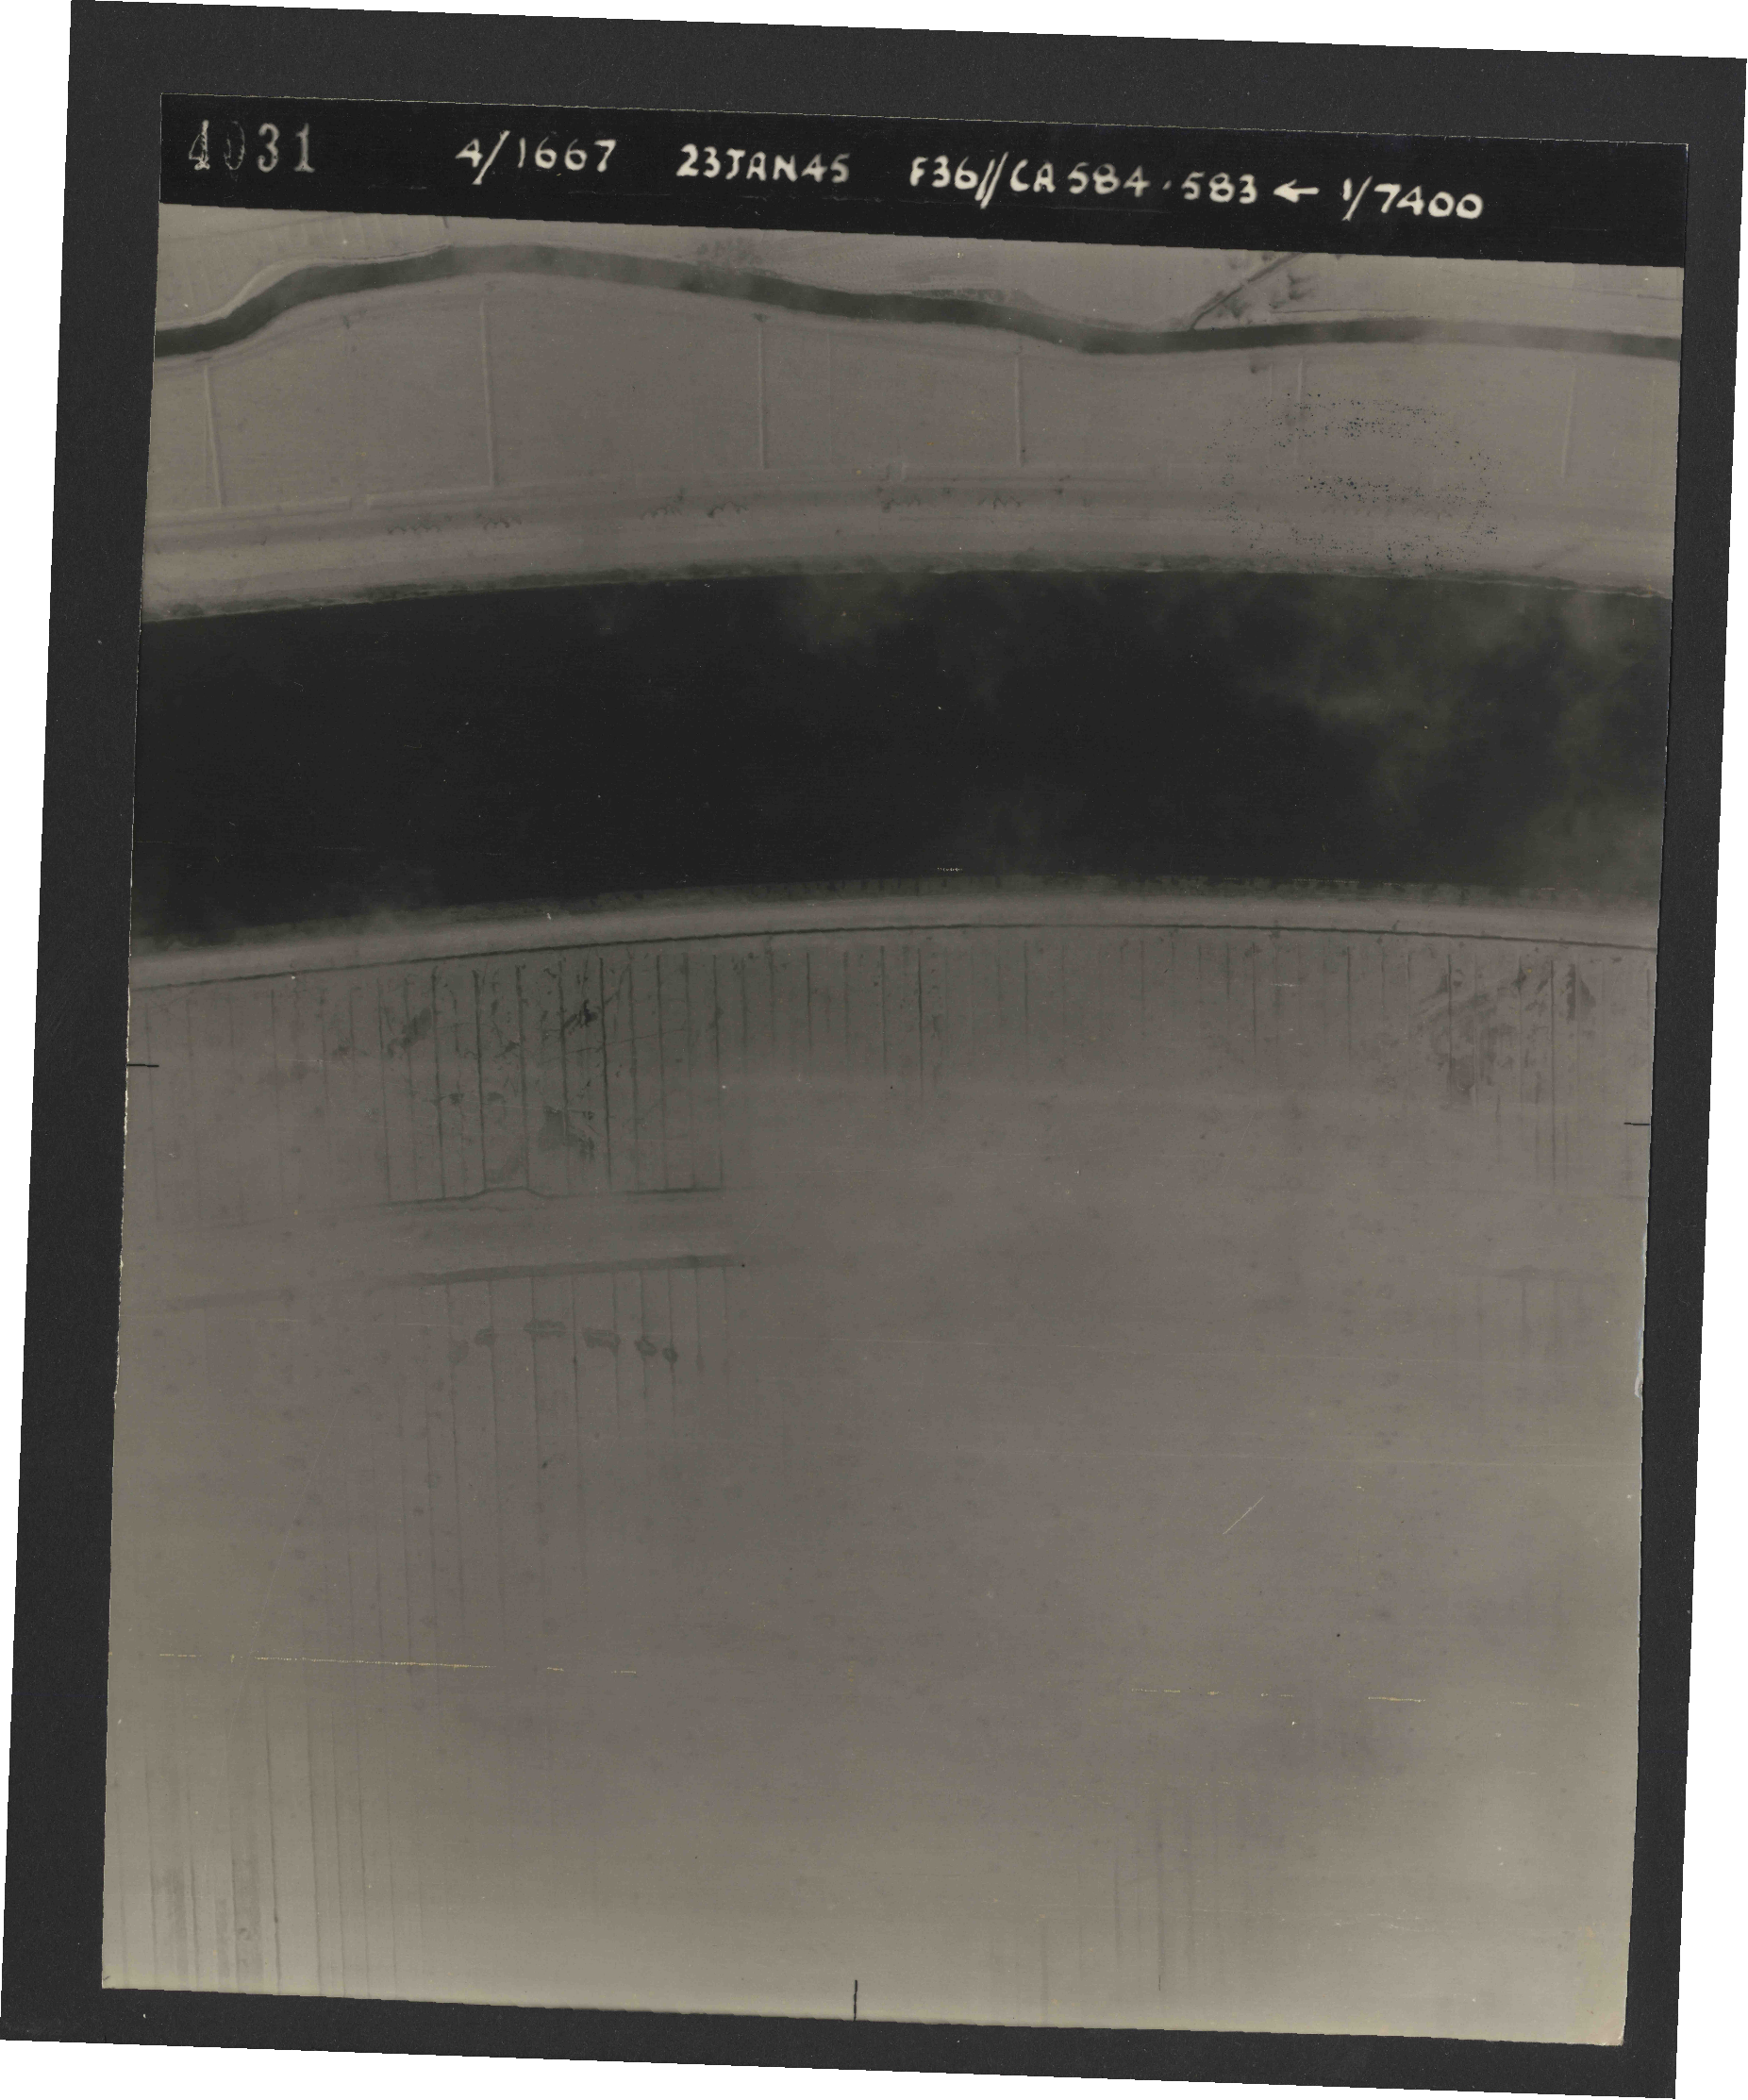 Collection RAF aerial photos 1940-1945 - flight 324, run 02, photo 4031